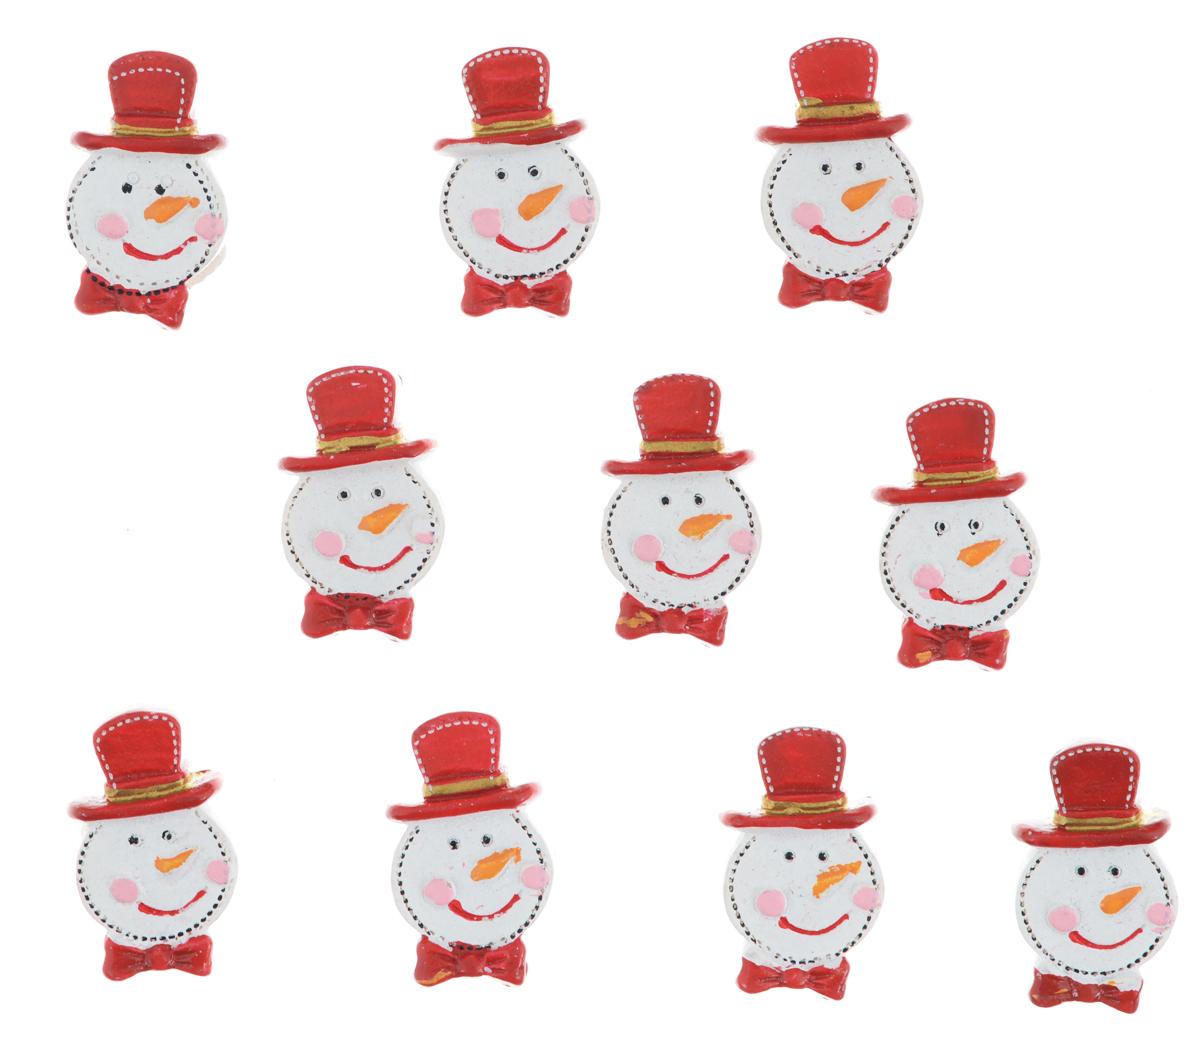 Набор декоративных украшений Lunten Ranta Снеговик в шляпе, на стикере, цвет: белый, красный, 10 шт63577_3Декоративные украшения Lunten Ranta Снеговик в шляпе изготовлены из полирезина и прекрасно подойдут для декора любой поверхности. Их можно использовать для украшения фотоальбомов, подарков, конвертов и многого другого. В наборе - 10 украшений, которые крепятся к поверхности благодаря бумаге на клейкой основе с обратной стороны изделия. Творчество, рукоделие способно приносить массу приятных эмоций не только человеку, который этим занимается, но и его близким, друзьям, родным. Размер украшения: 3 см х 1.7 см х 0,8 см.